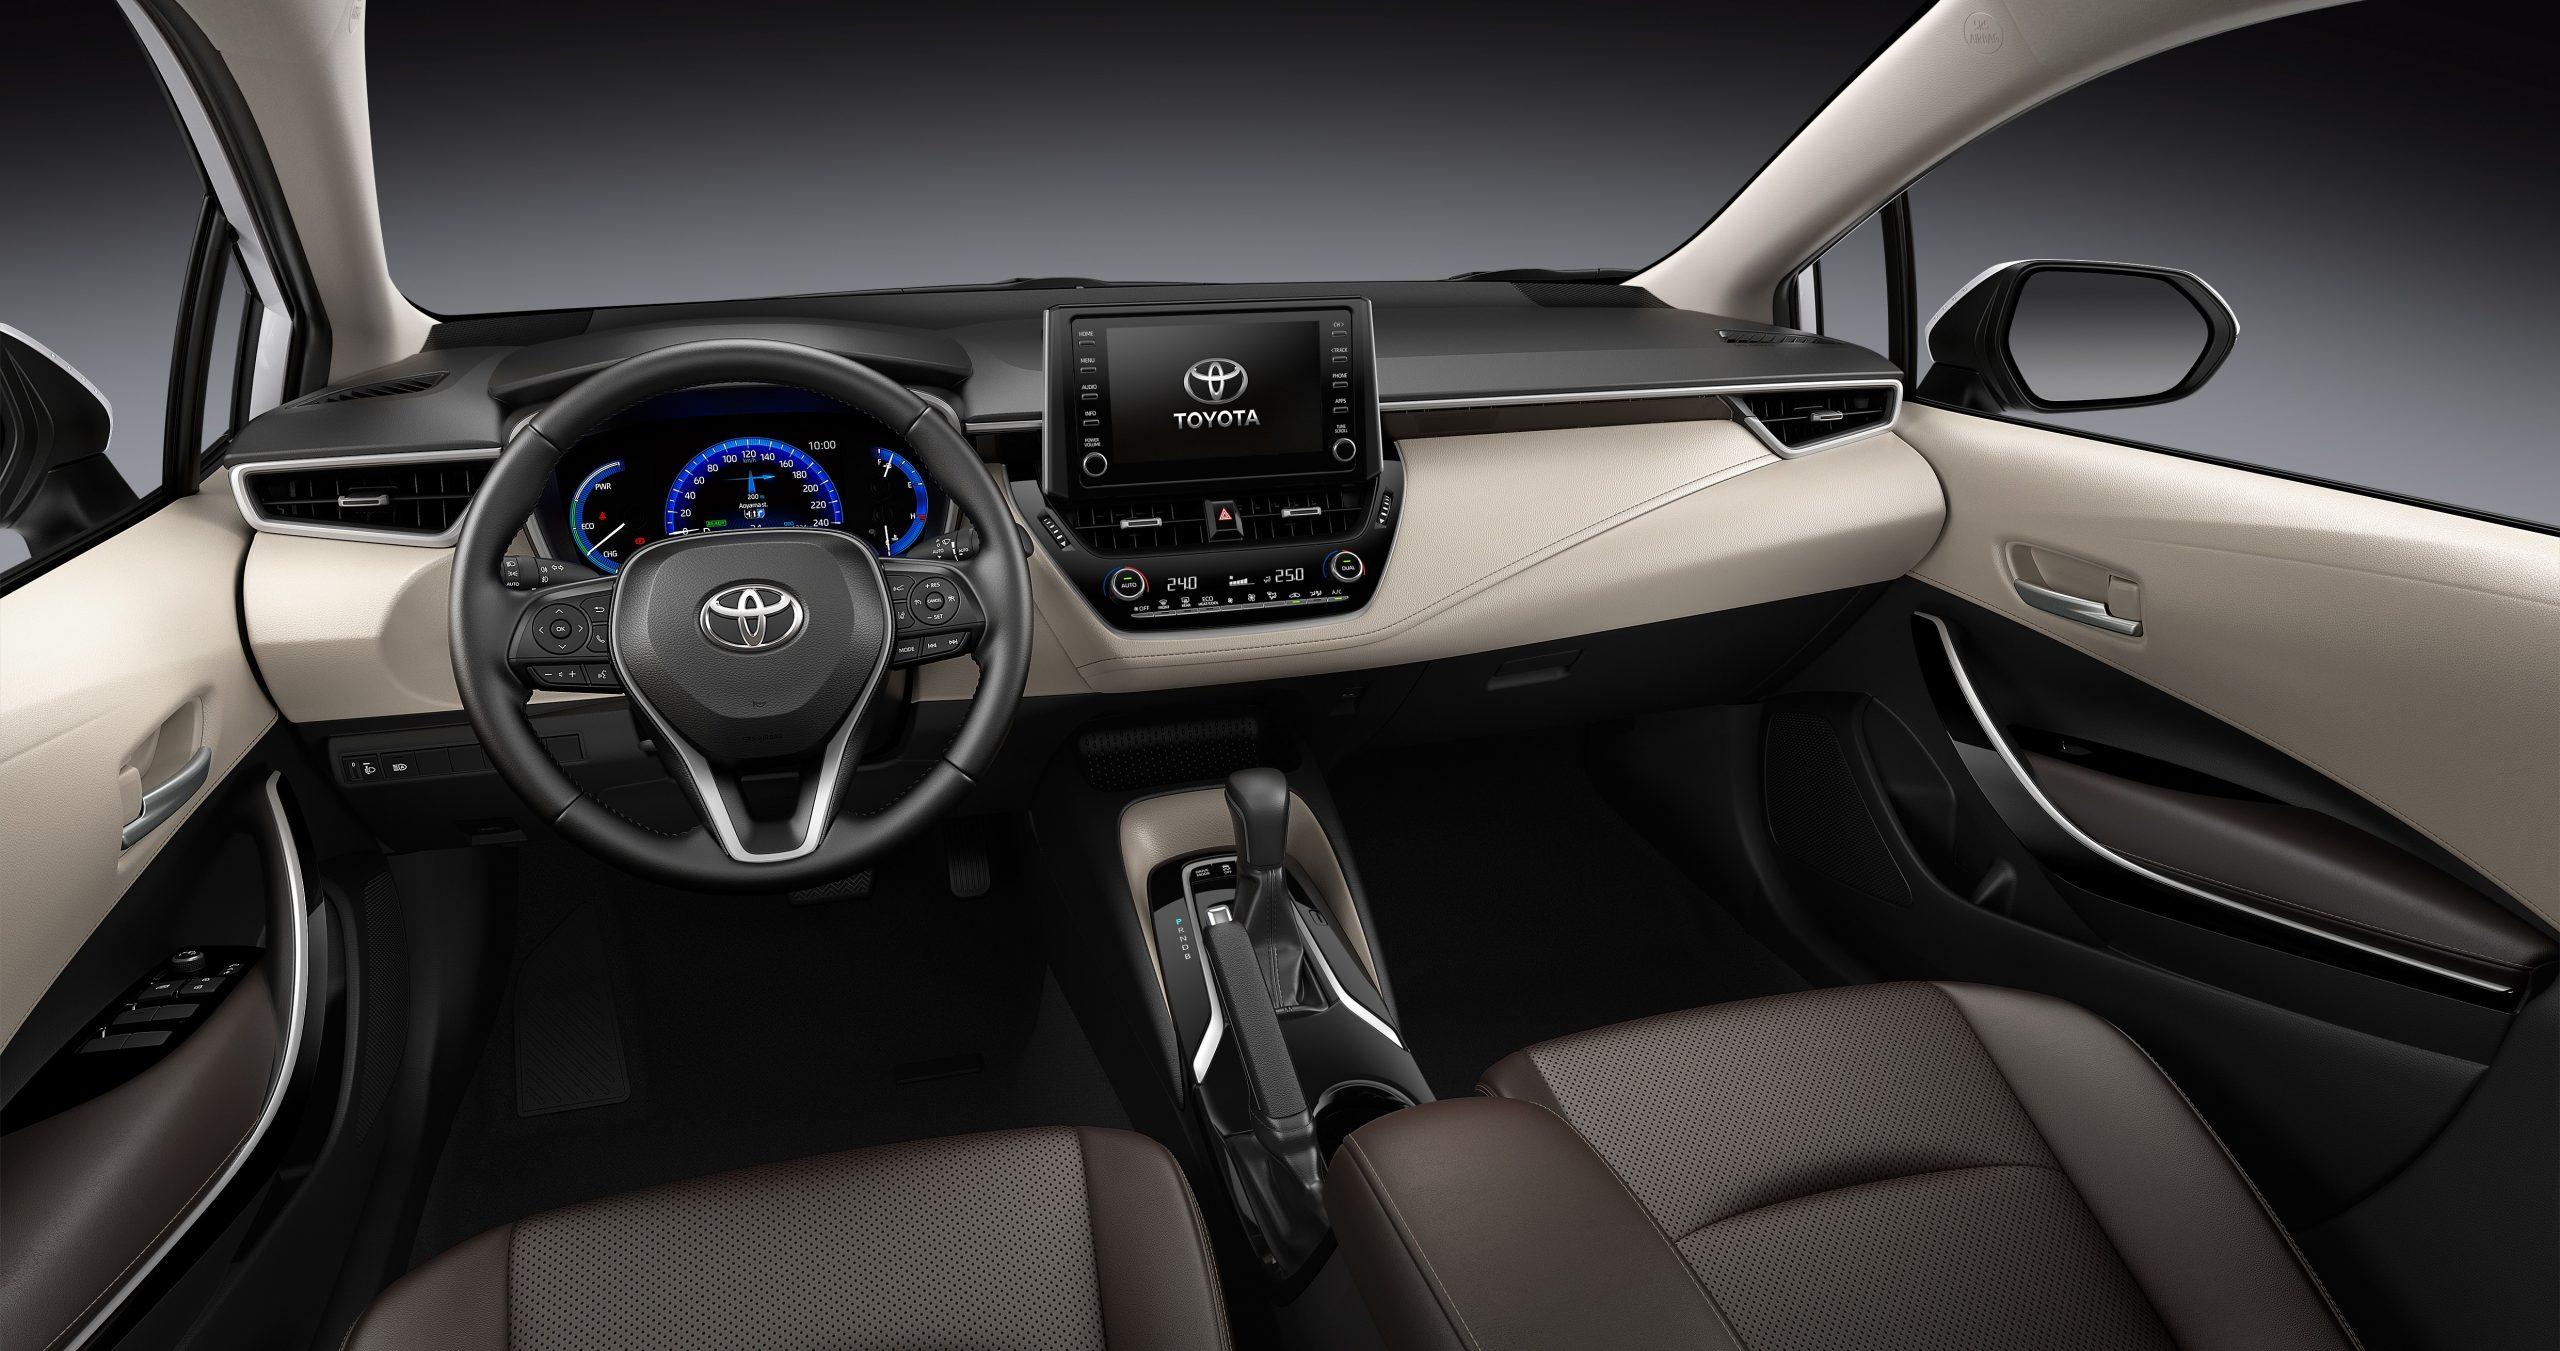 Corolla interior